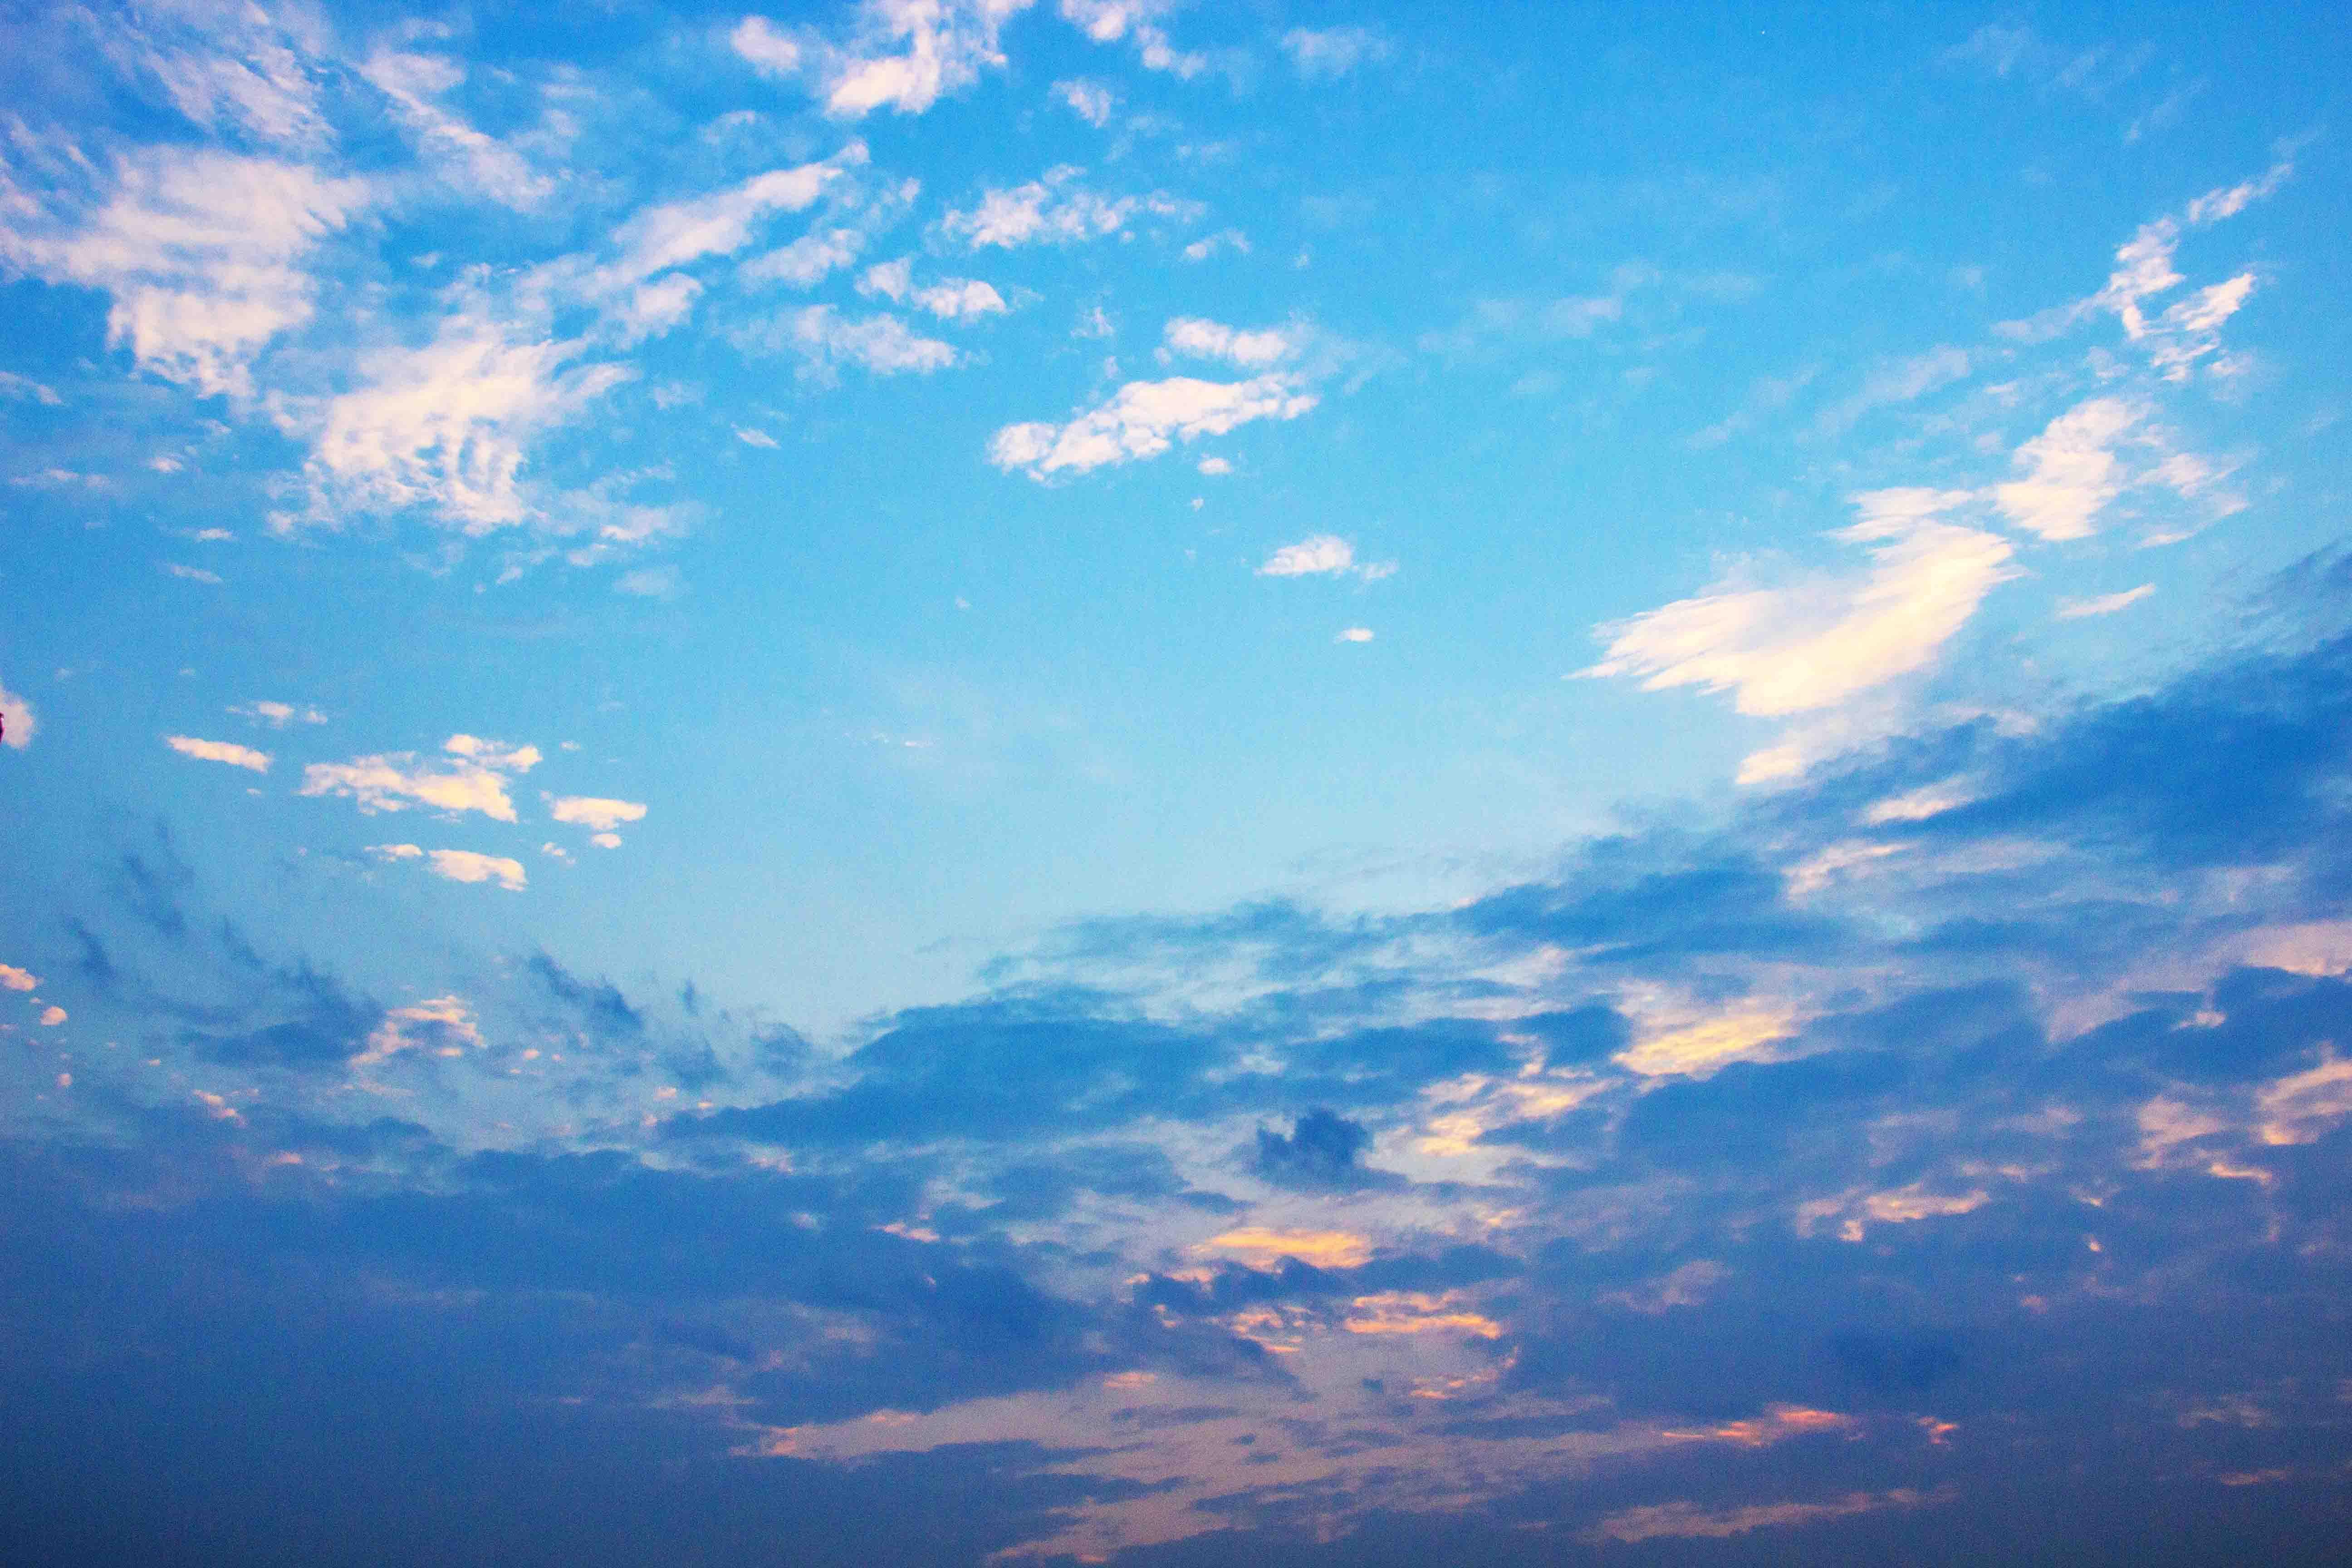 蓝天白云黄昏的天空背景高清图片素材